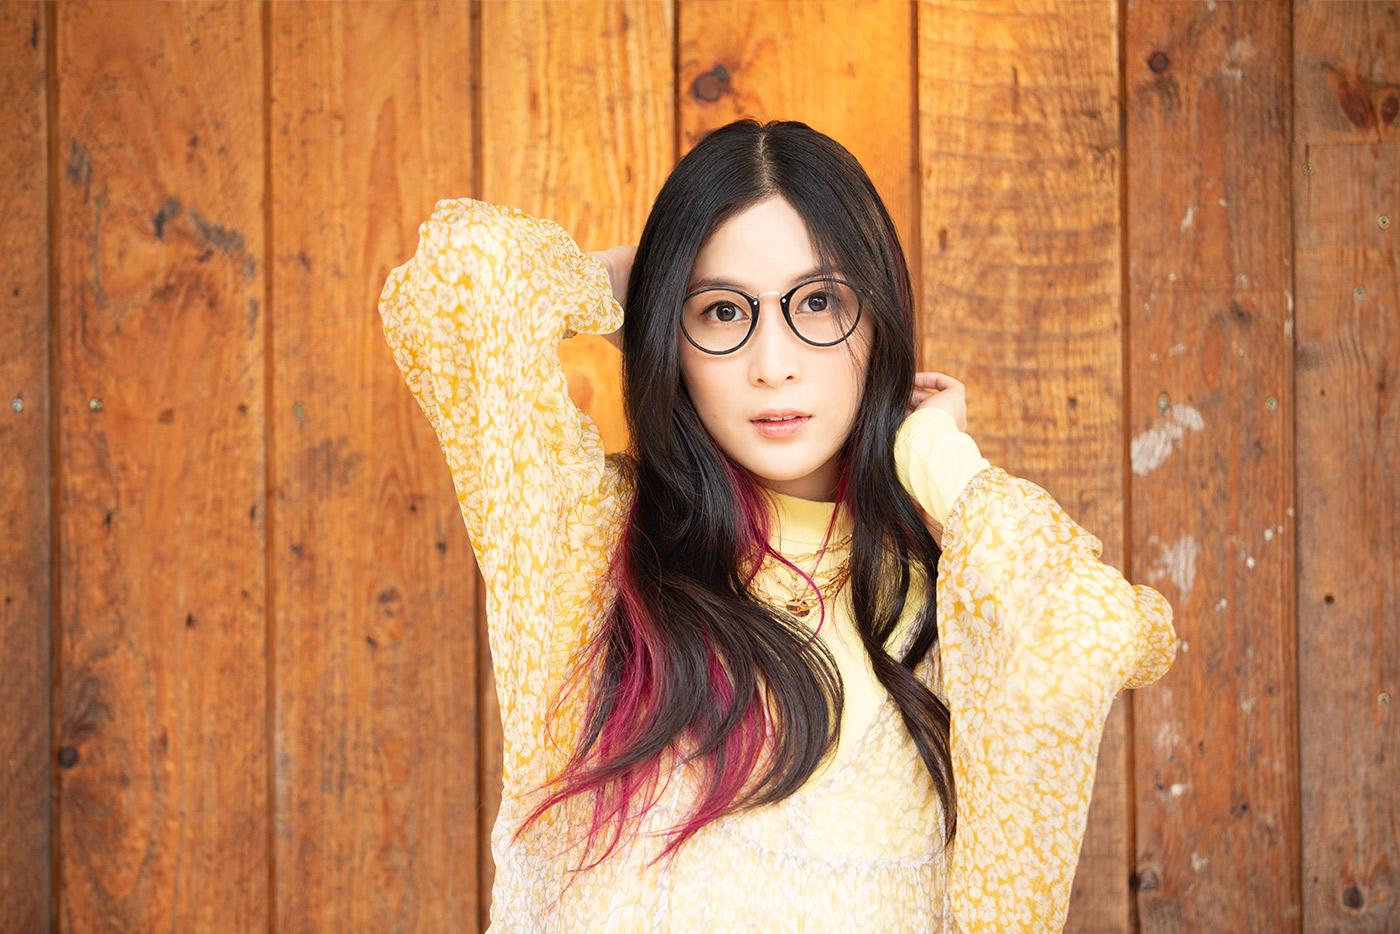 タイ人アニソン歌手MindaRyn、4thシングル「Daylight」発売決定&TVアニメ『ありふれた職業で世界最強 2nd season』OP主題歌担当